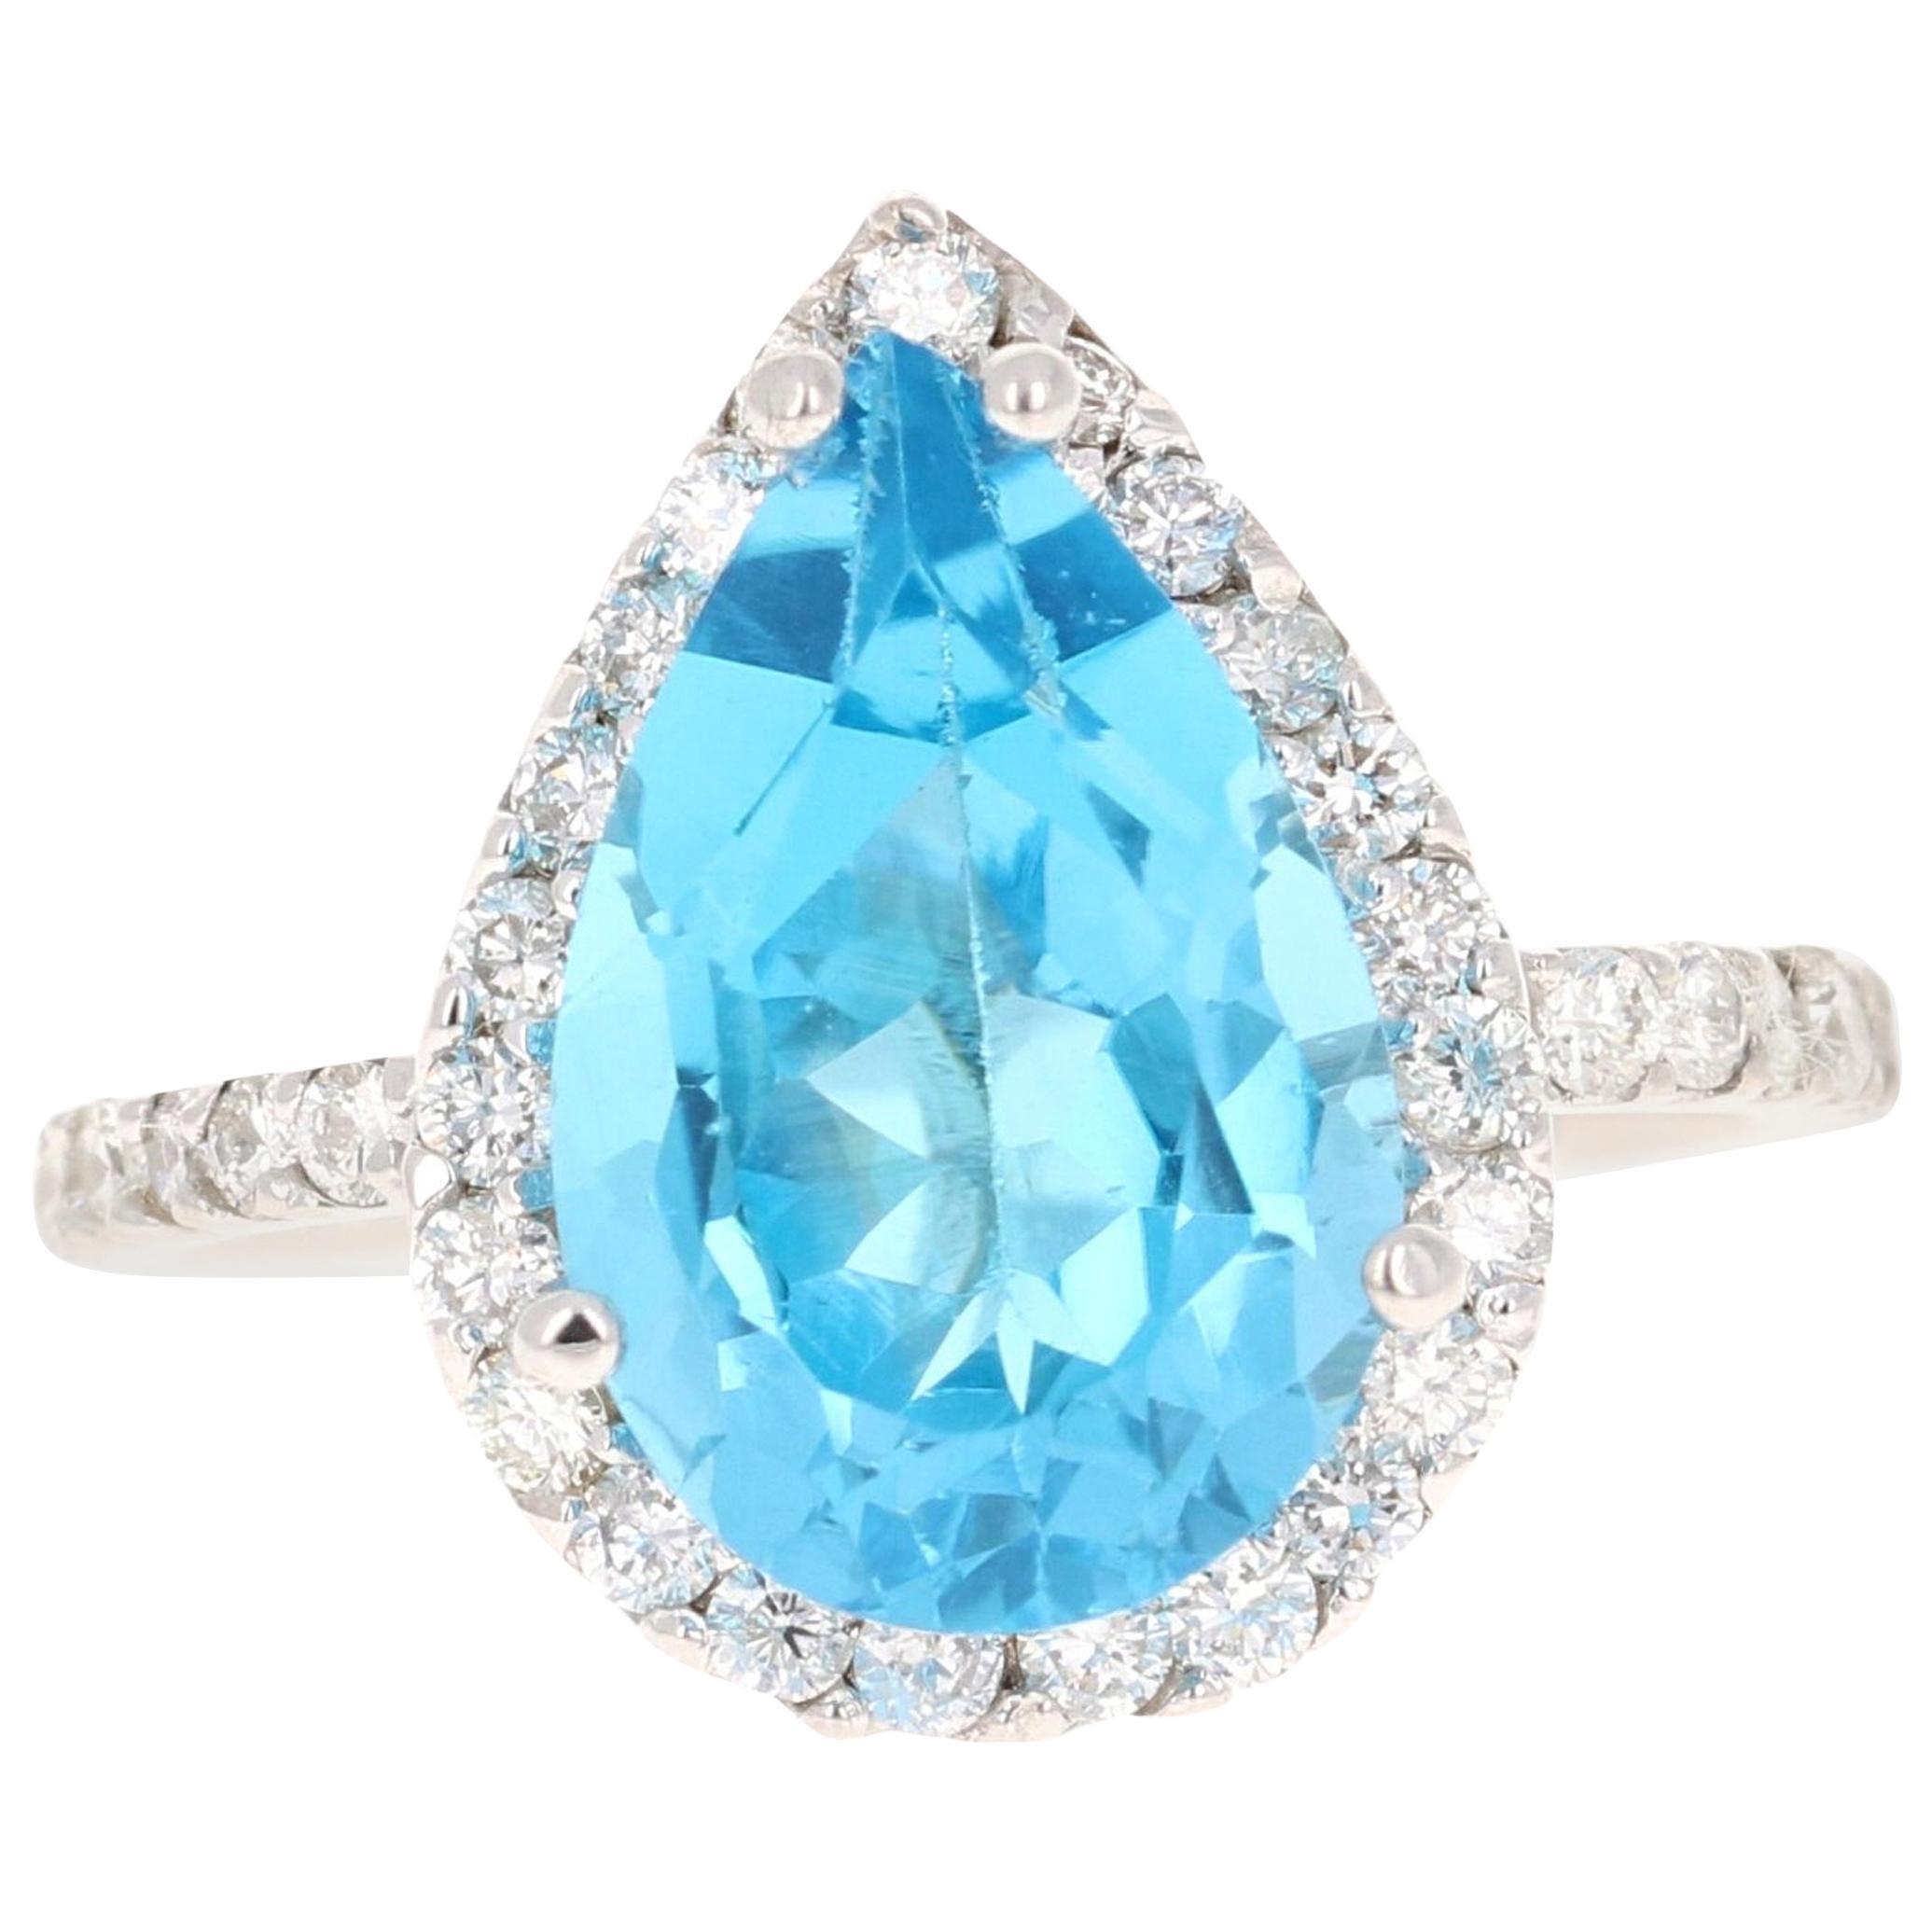 6.42 Carat Blue Topaz Diamond 14 Karat White Gold Cocktail Ring